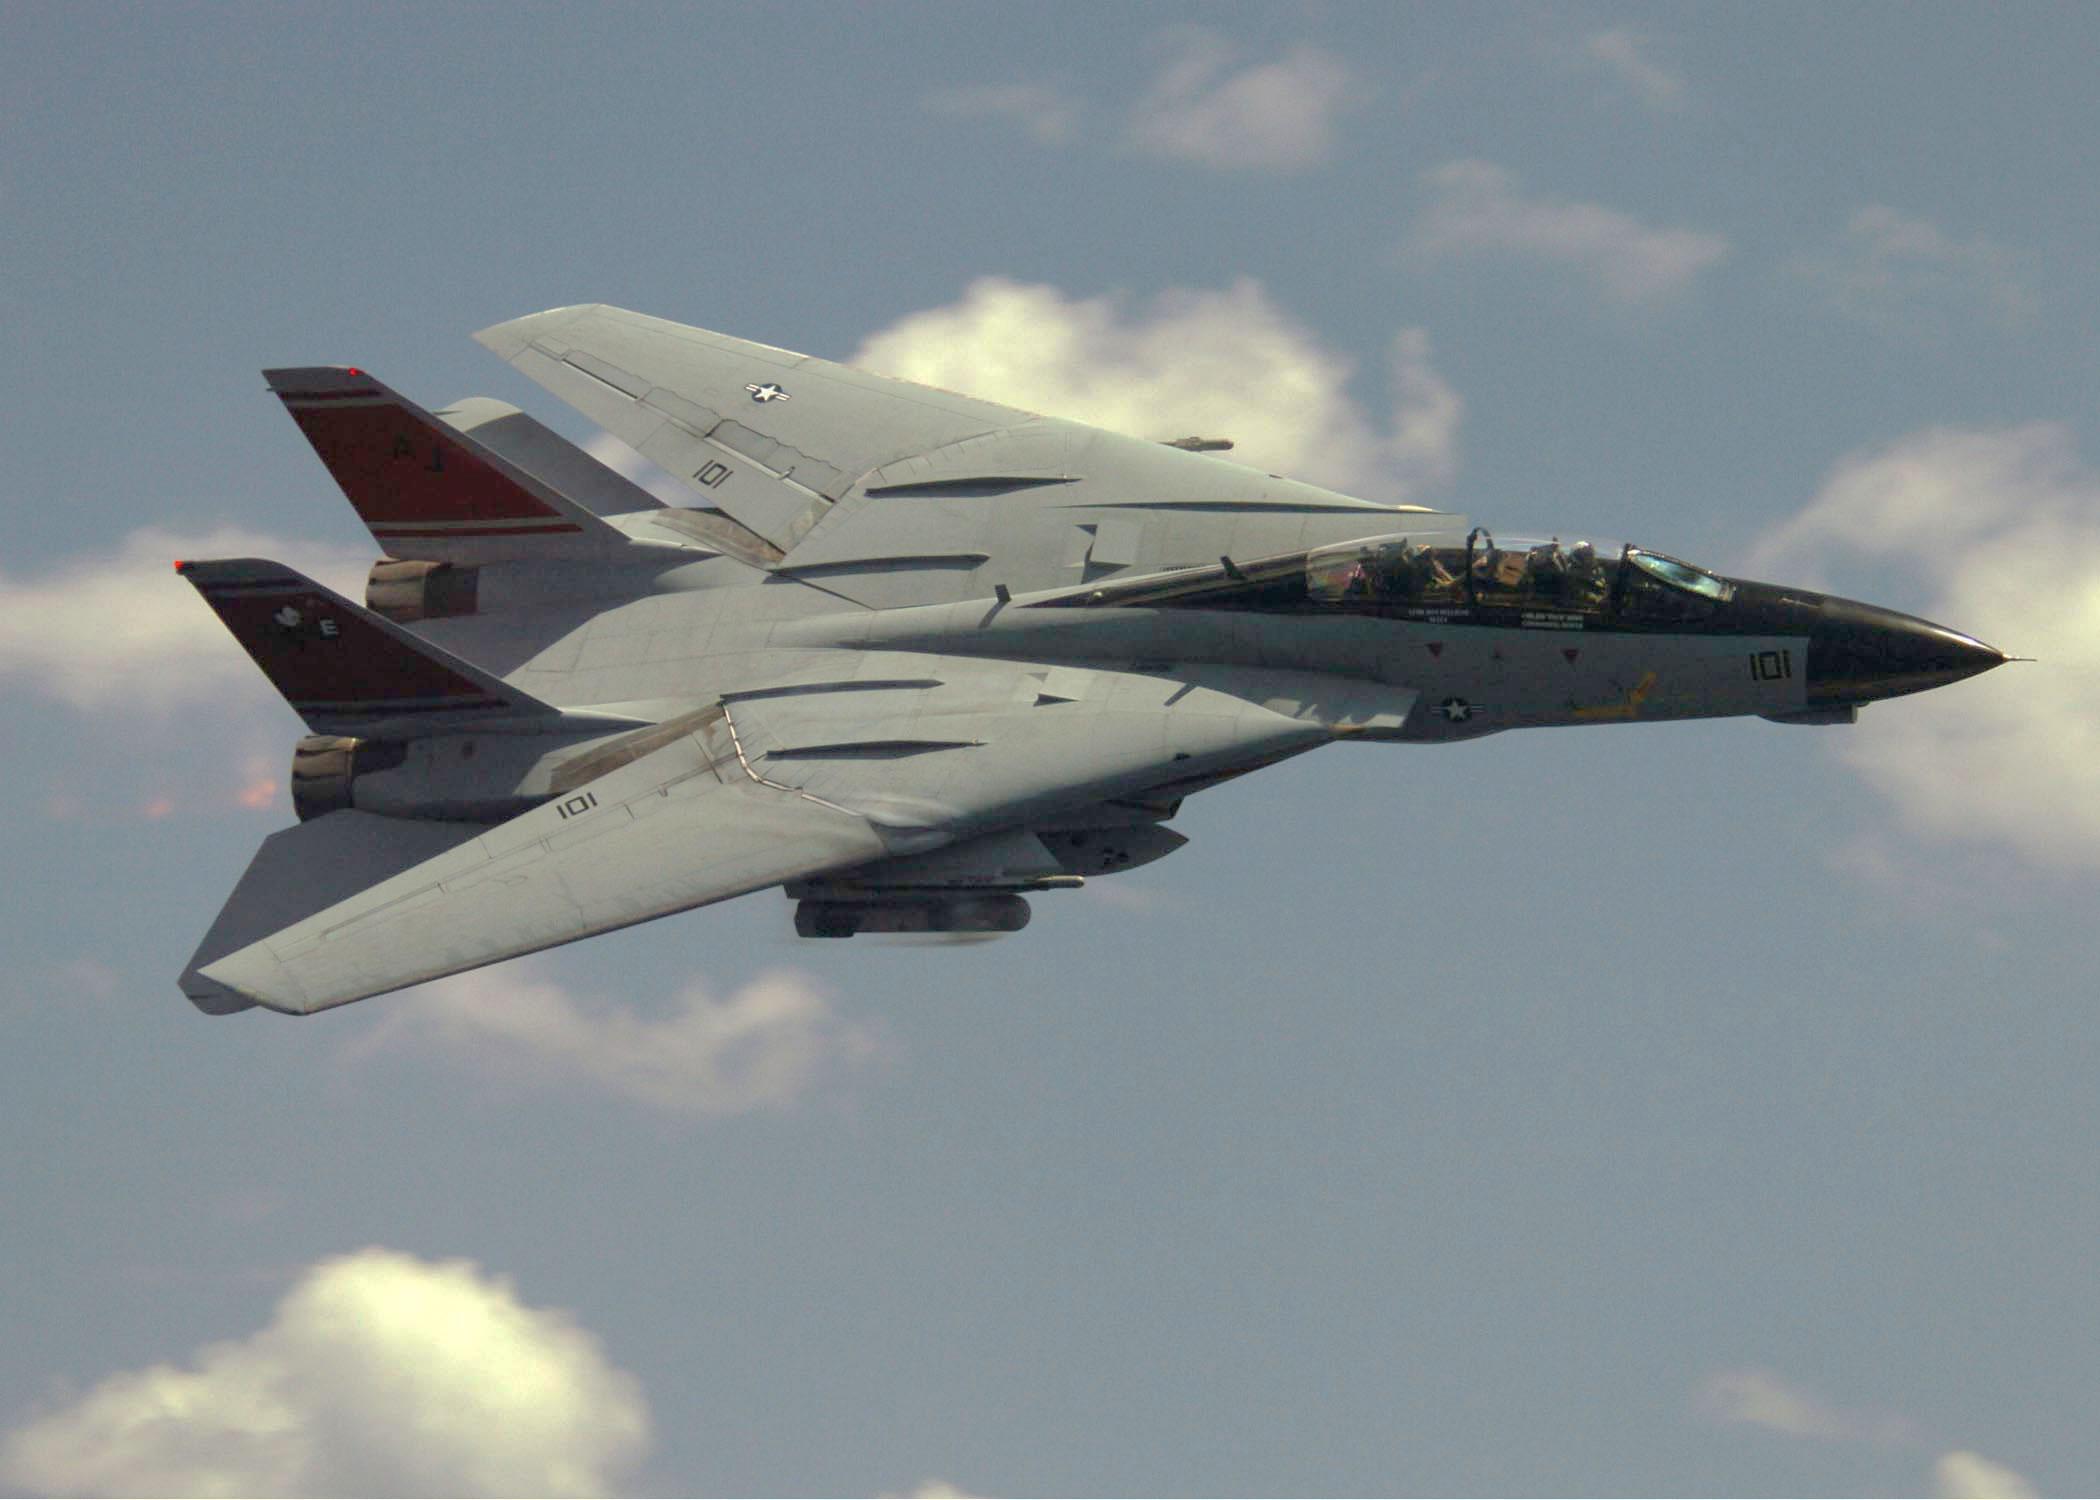 Military Grumman F 14 Tomcat 2100x1500